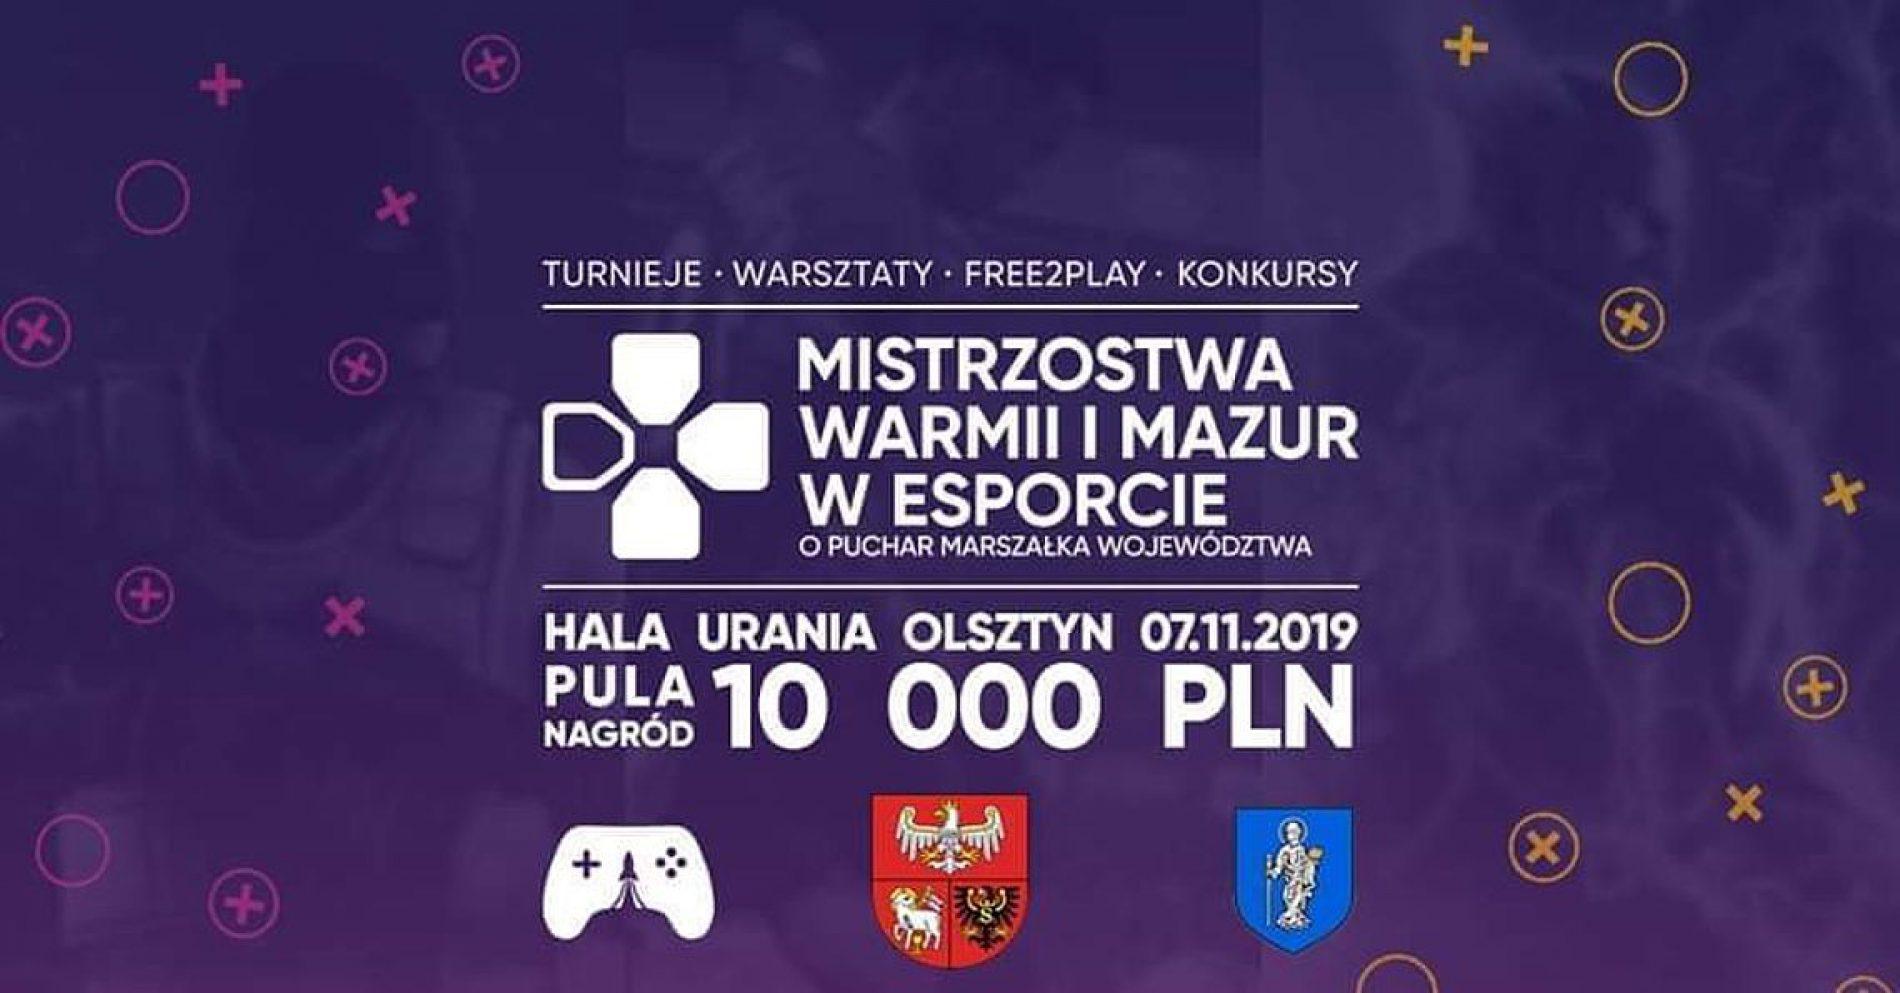 II edycja Mistrzostw Warmii i Mazur w E-sporcie